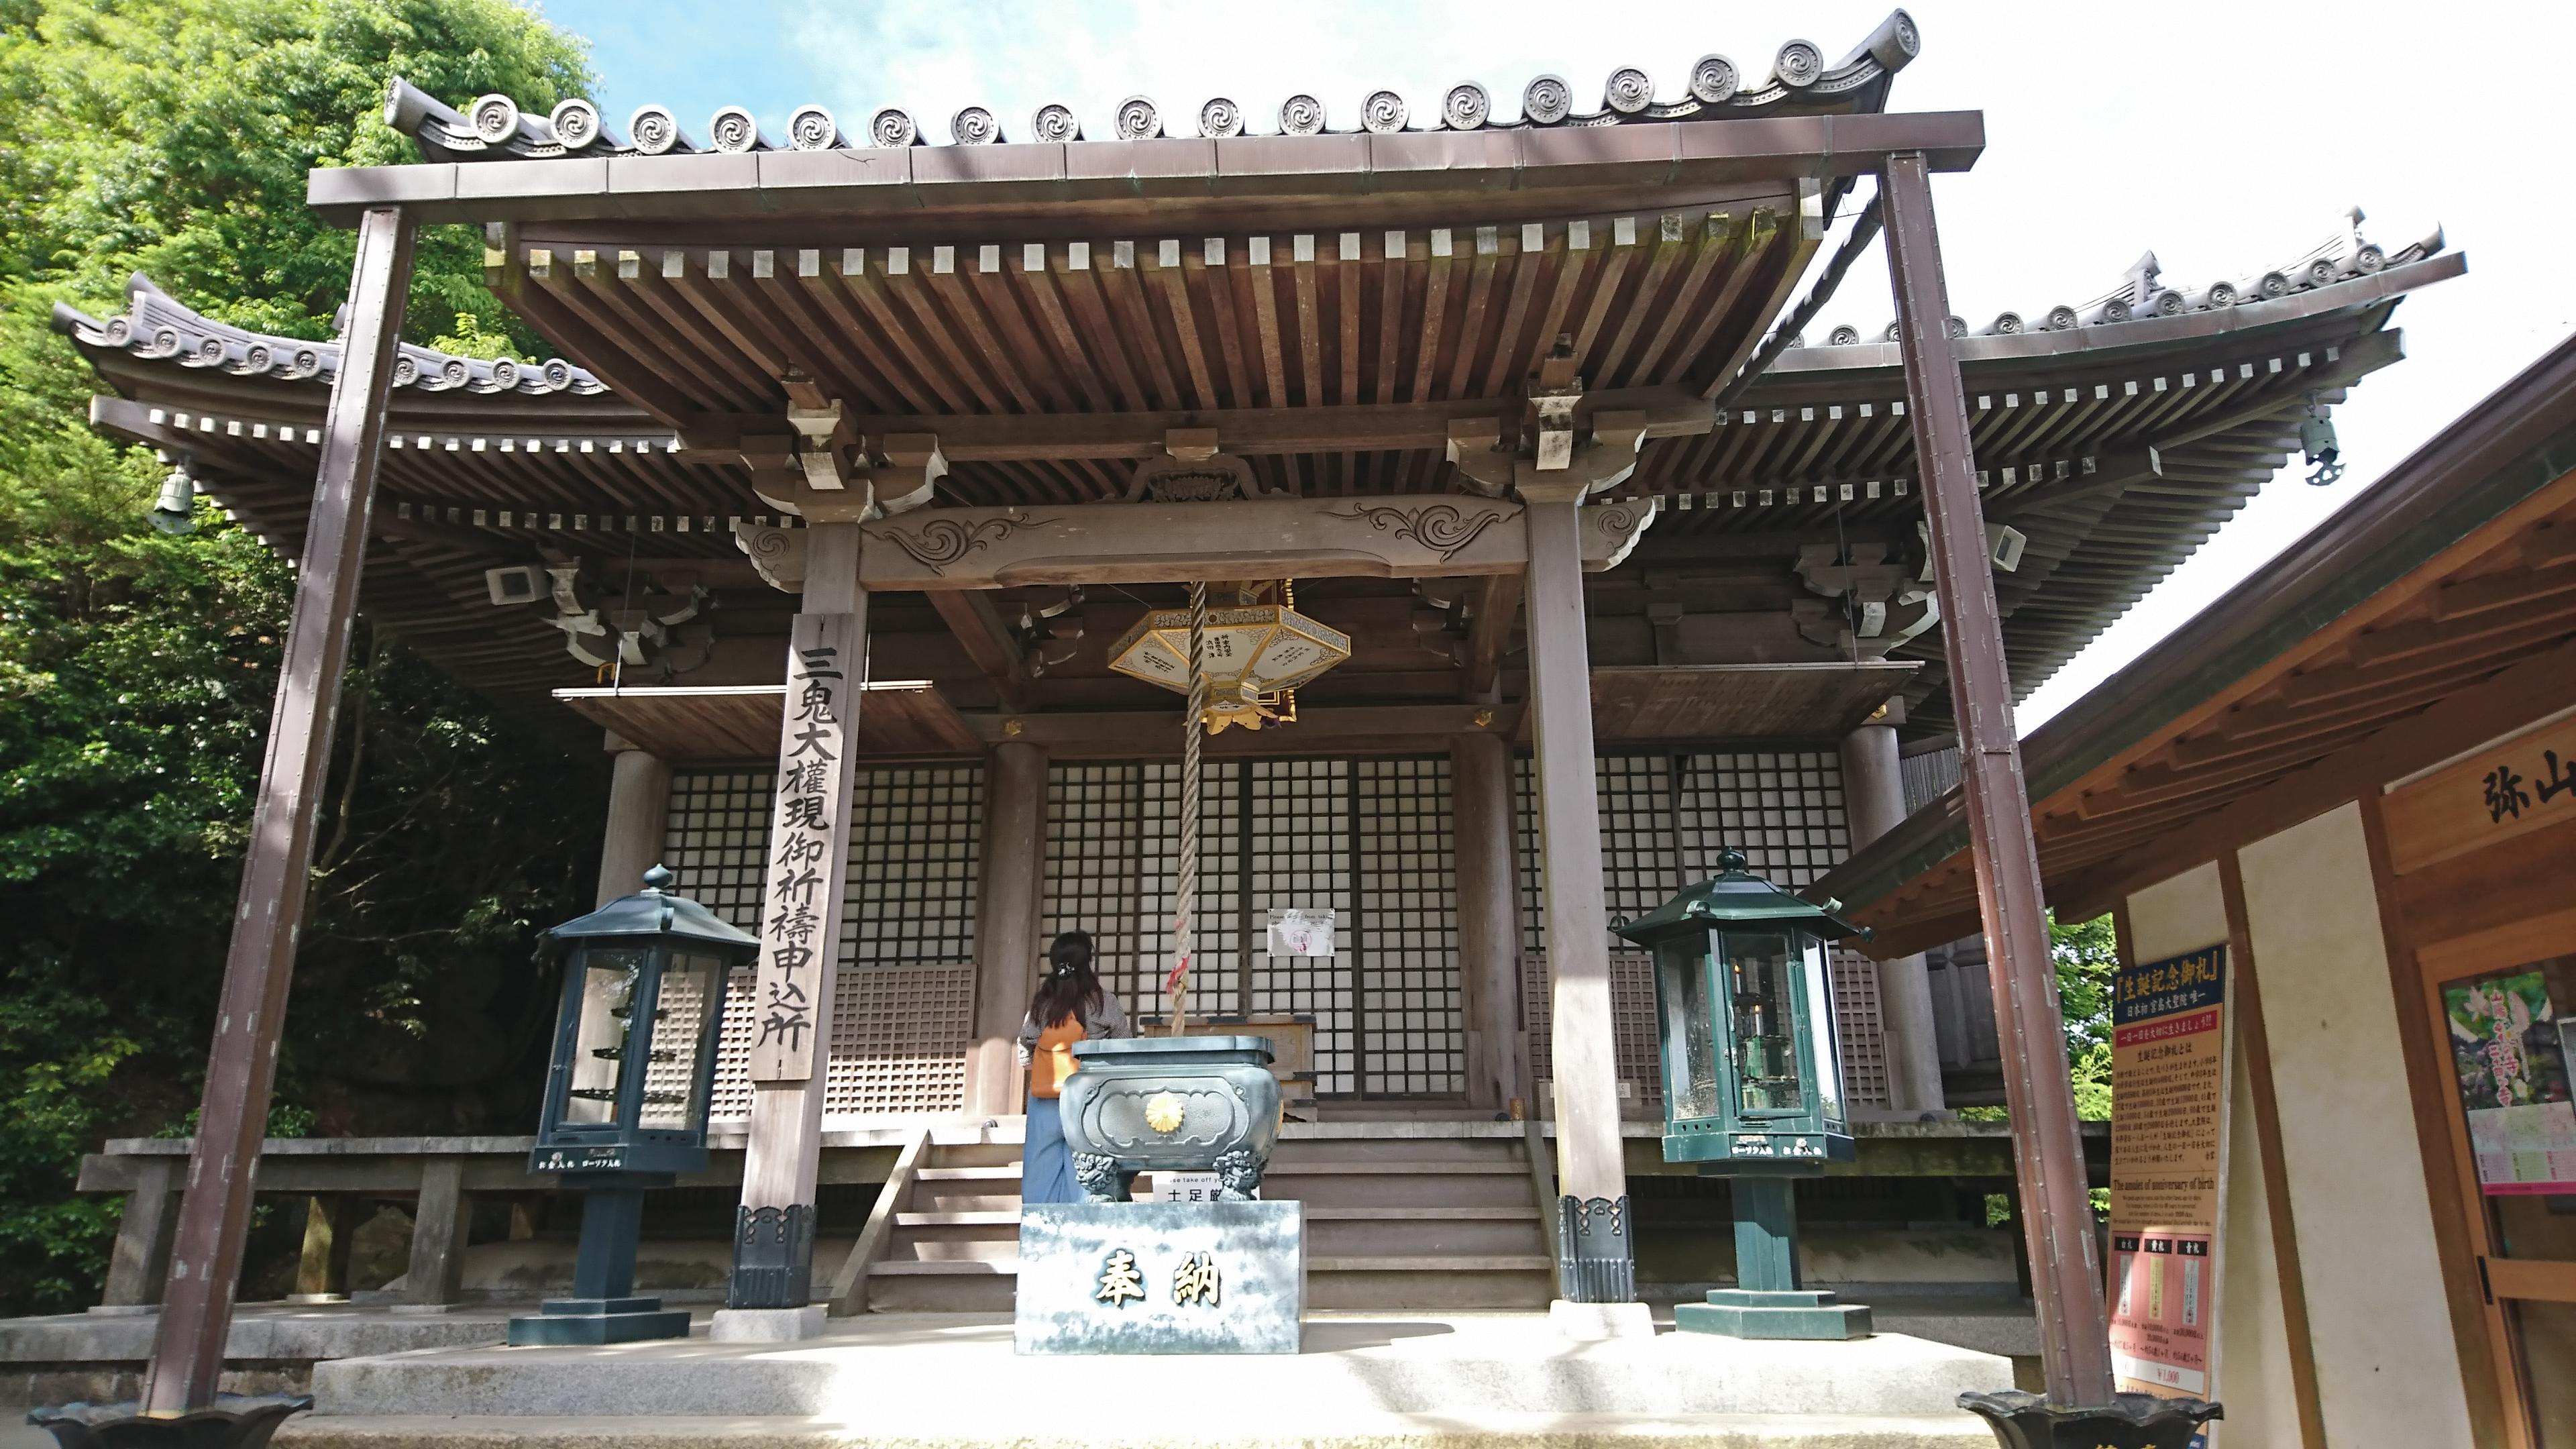 宮島弥山のパワースポット伊藤博文ゆかりの三鬼堂